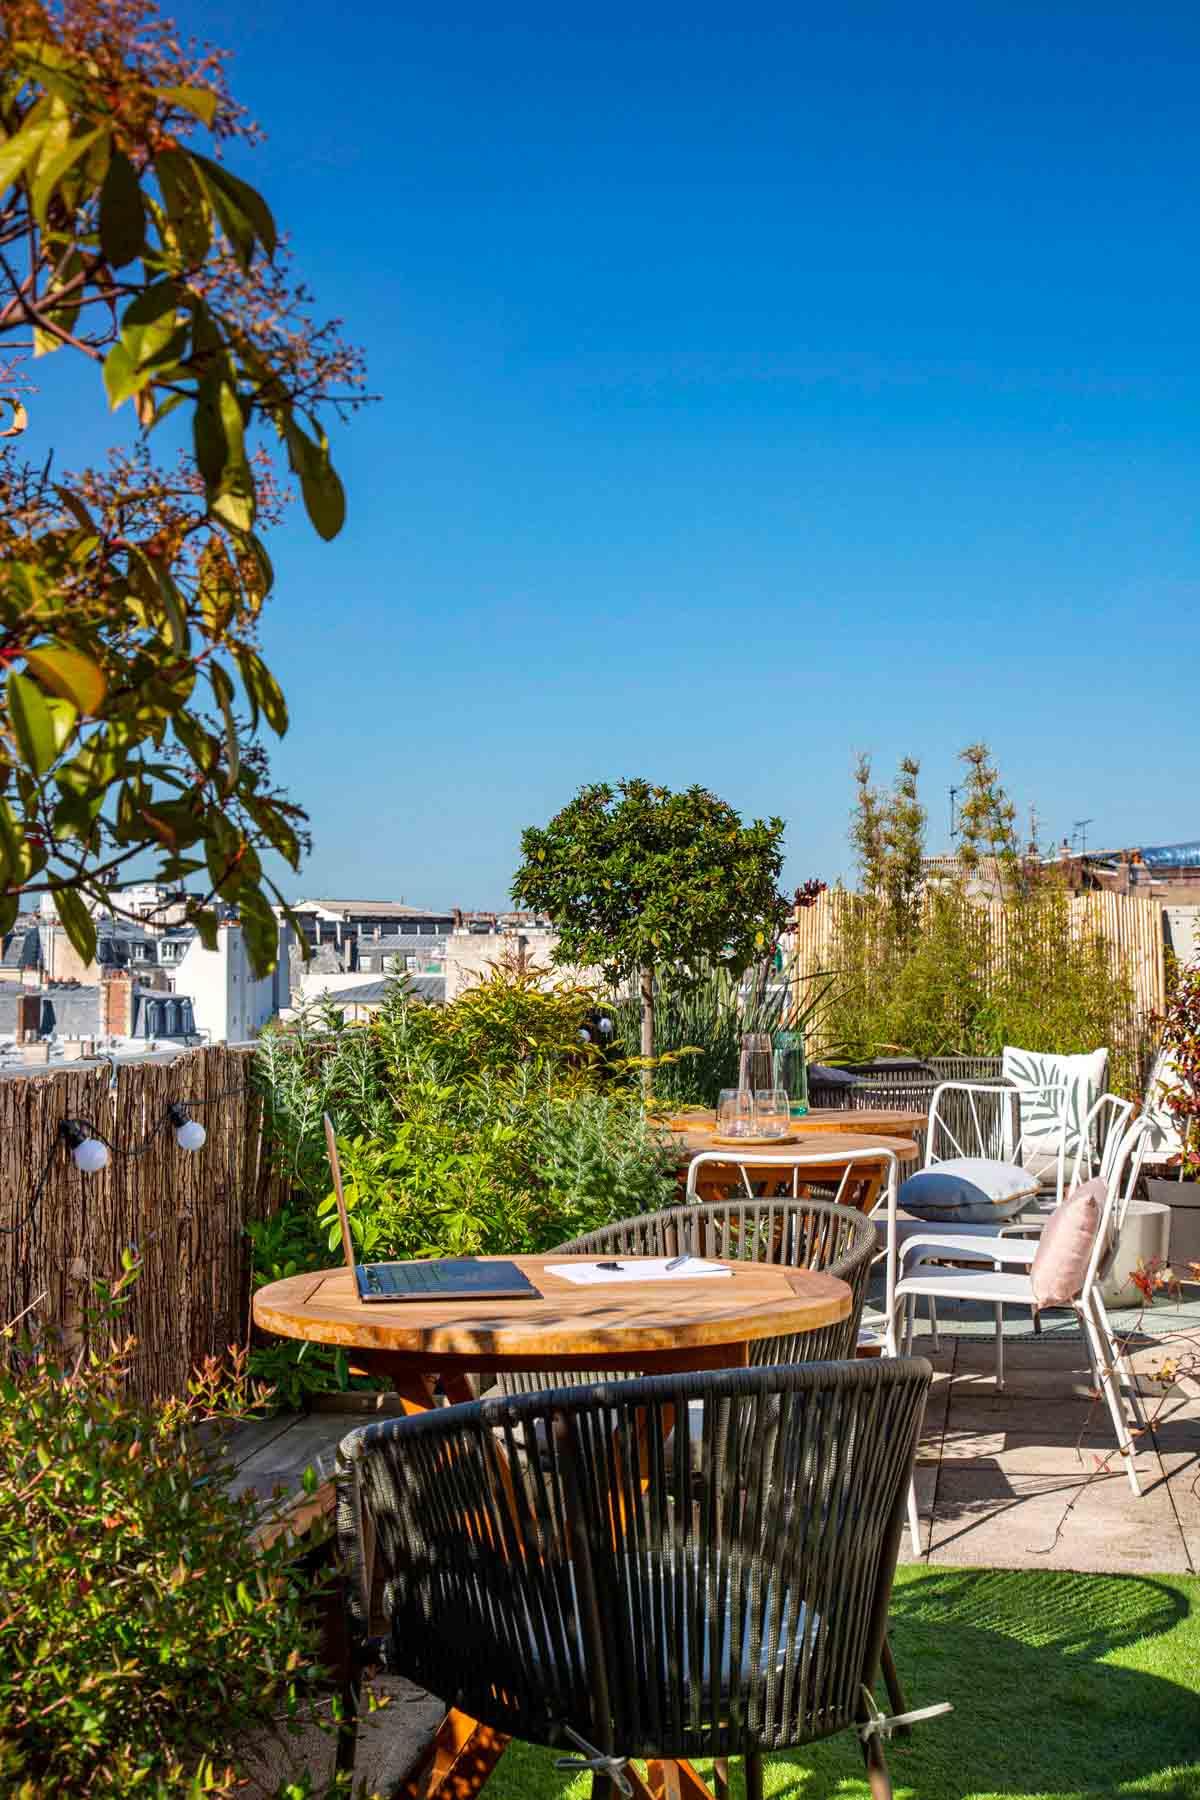 Rooftop - Keeze Monceau - Paris - Toi Toi Mon Toit